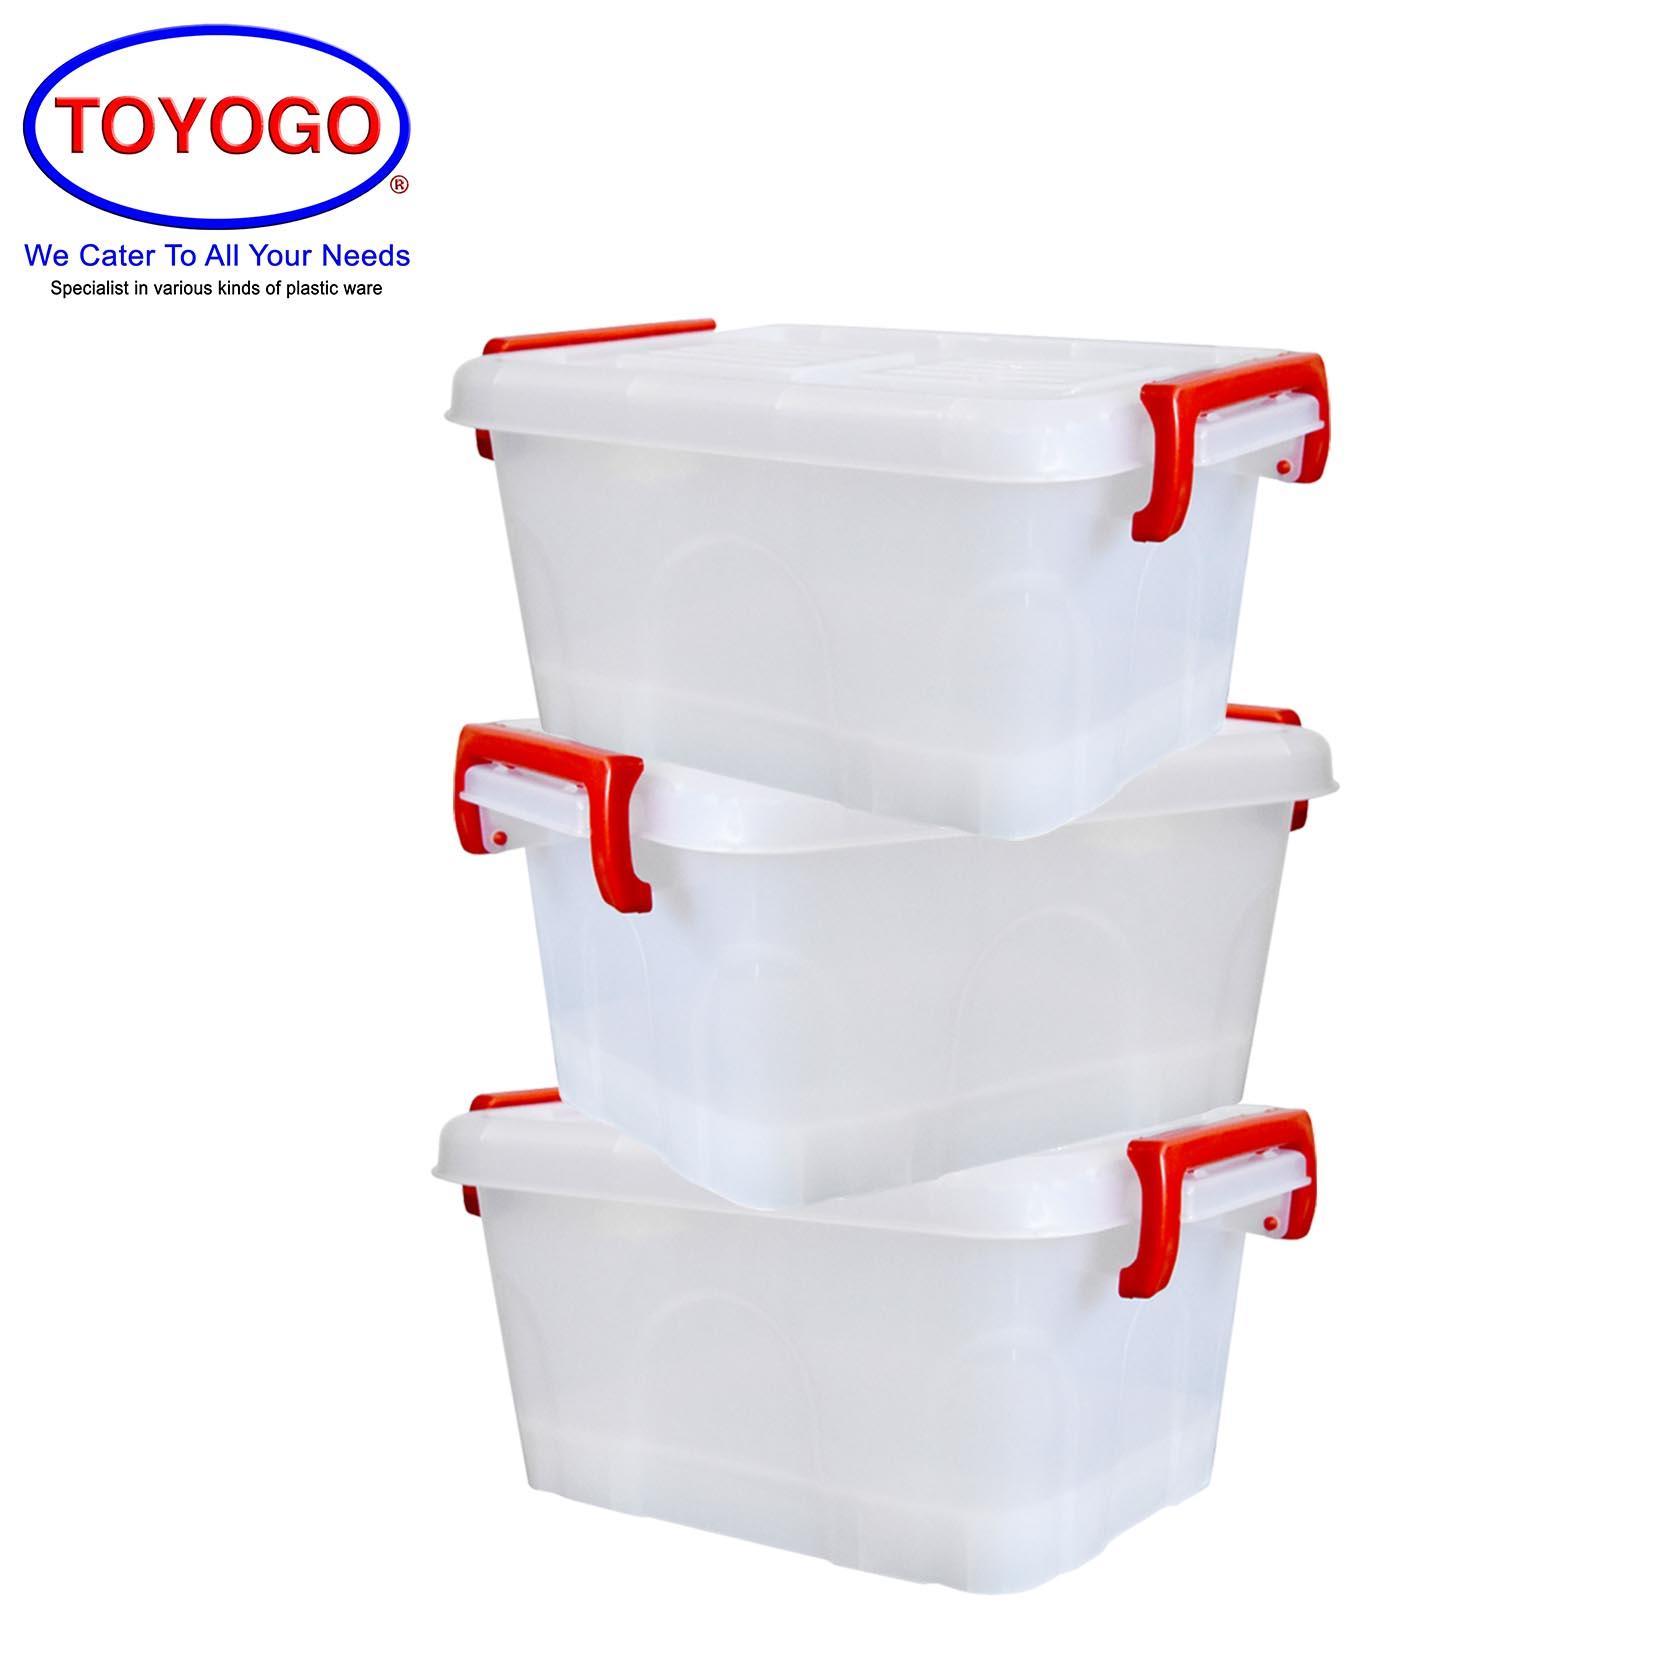 Toyogo Storage Box (Bundle of 3) (9804)